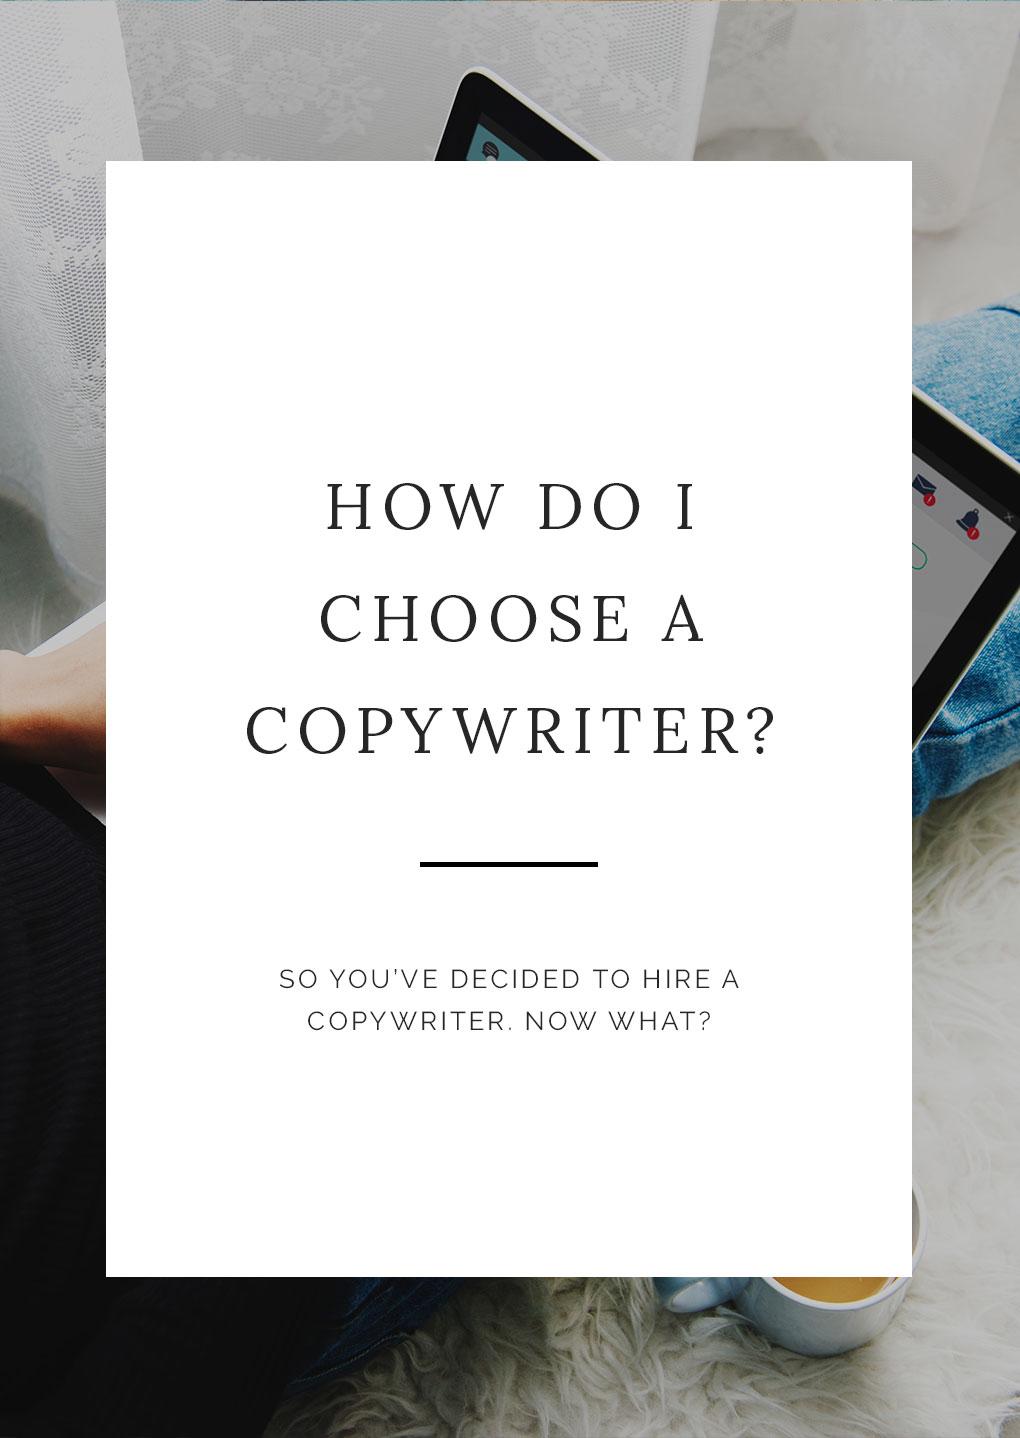 how-do-i-choose-a-copywriter.jpg